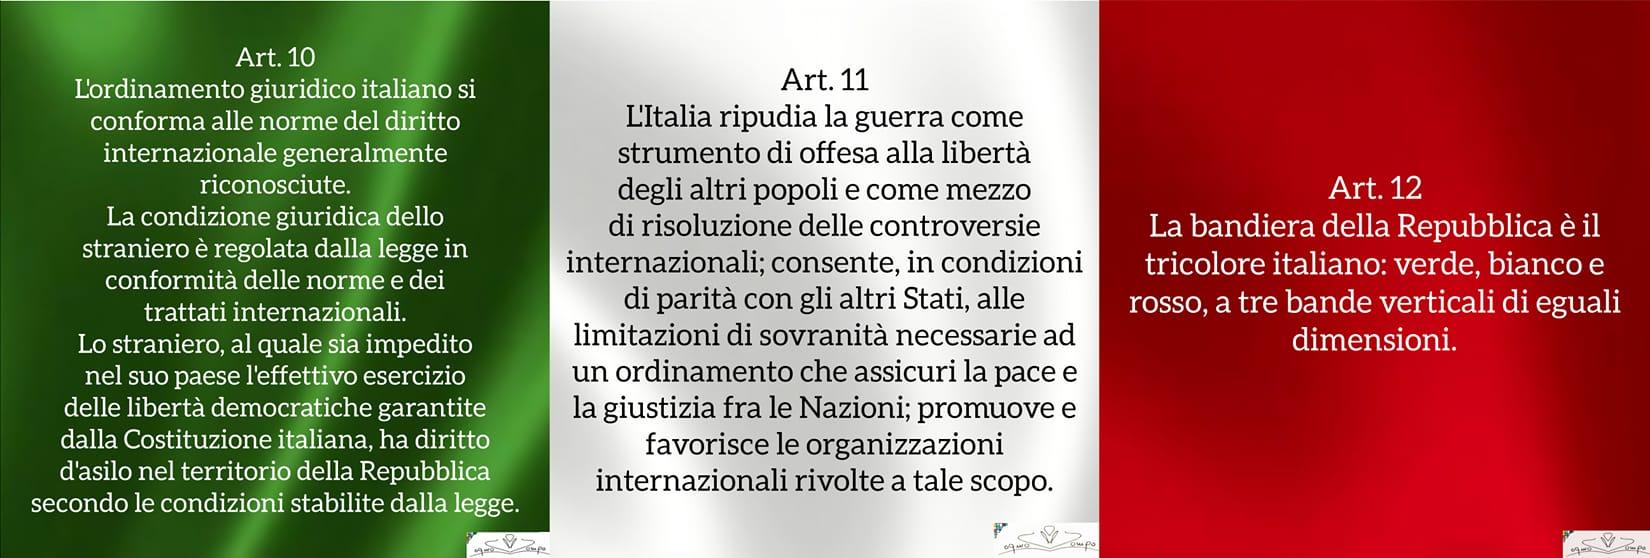 Festa della Repubblica - Bandiera italiana - Articoli Costituzione 10-12